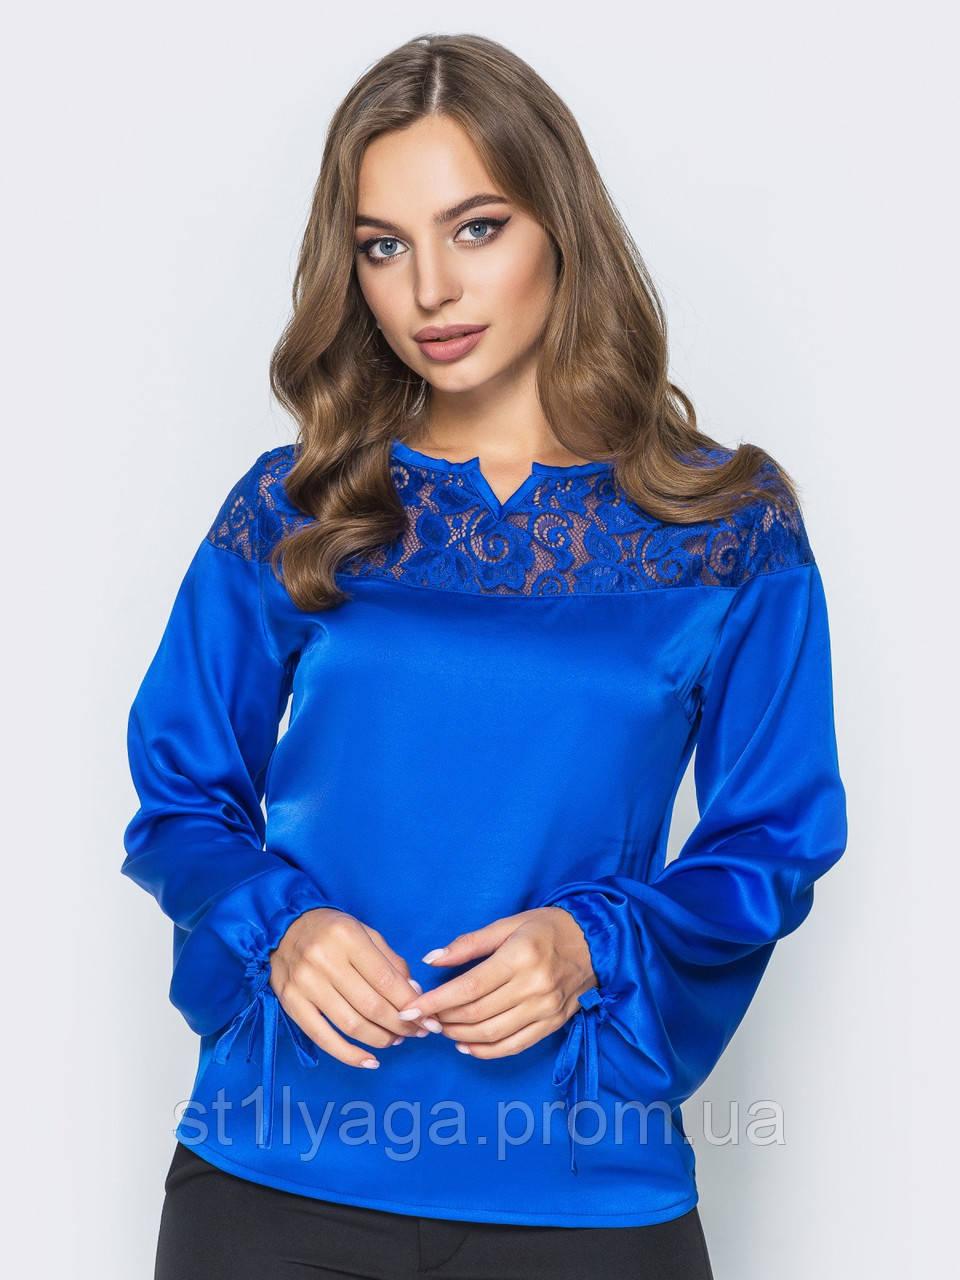 Шелковая блузка свободного кроя с кружевом по горловине синий электрик